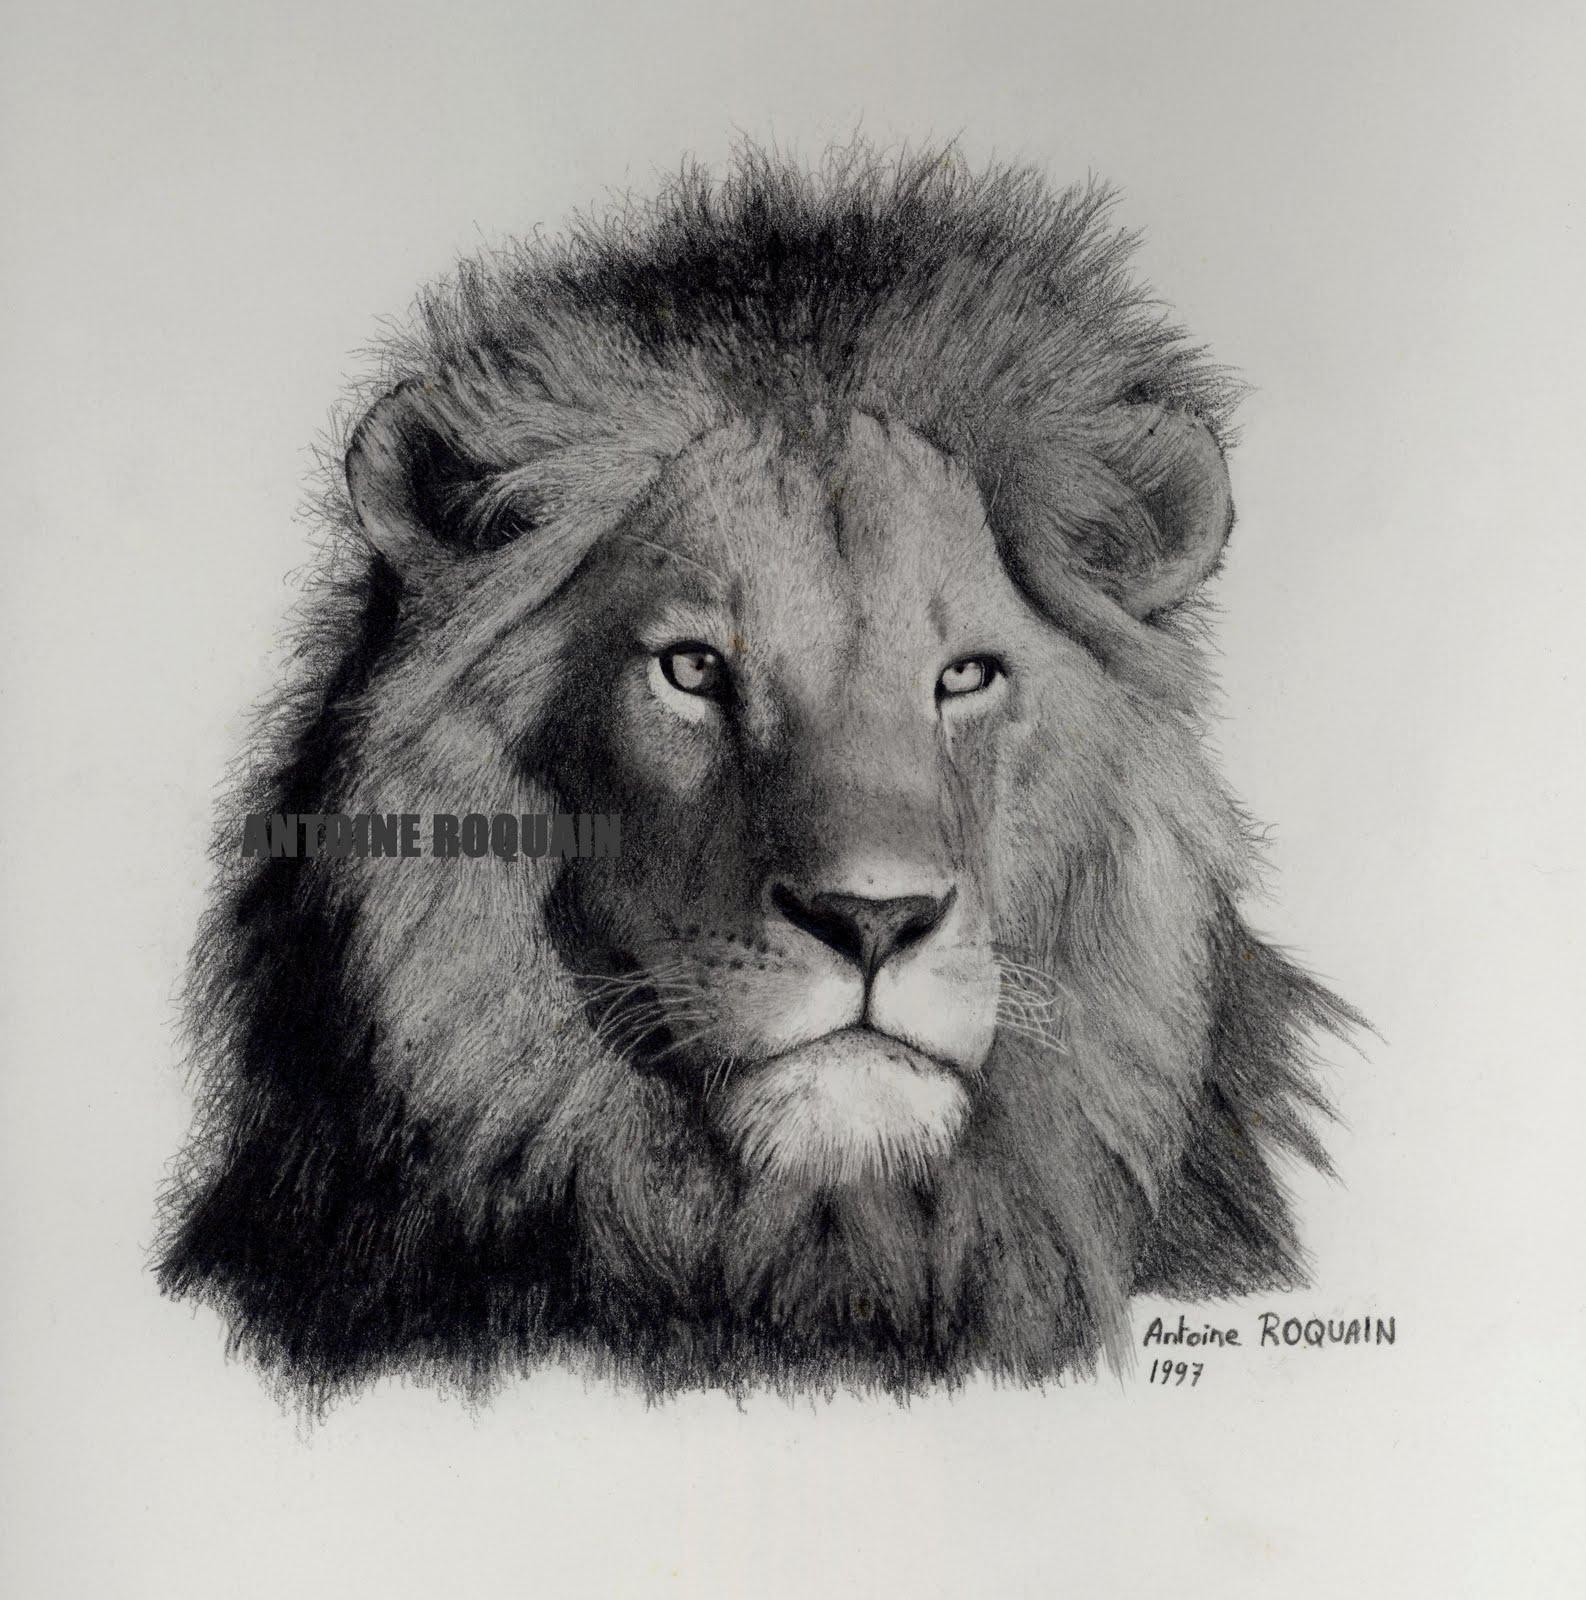 Antoine roquain dessin animalier wildlife pencil art petit dessin de lion - Comment dessiner un lion ...